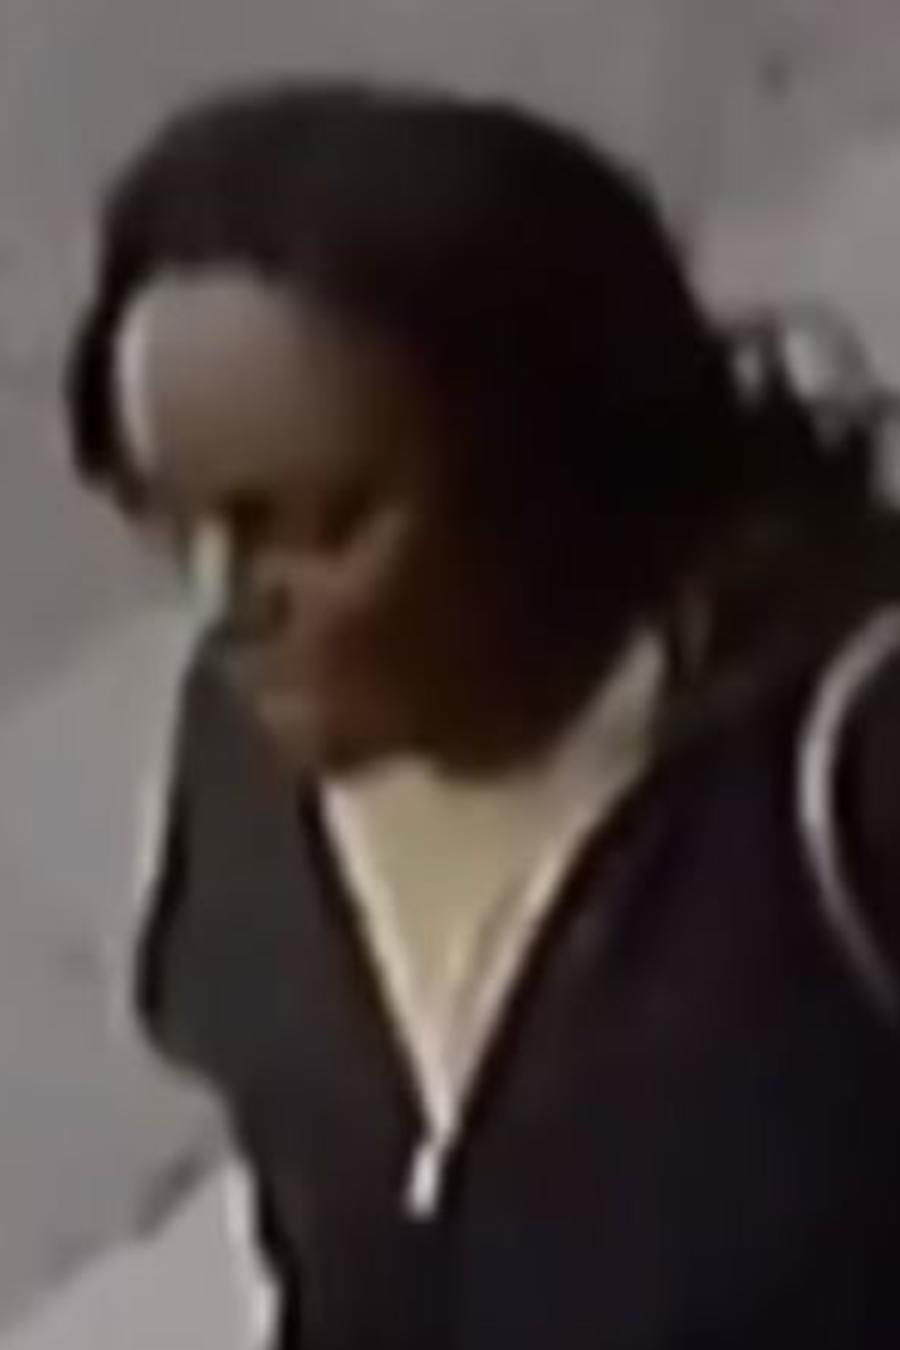 Buscan mujer que trató de secuestrar a un niño